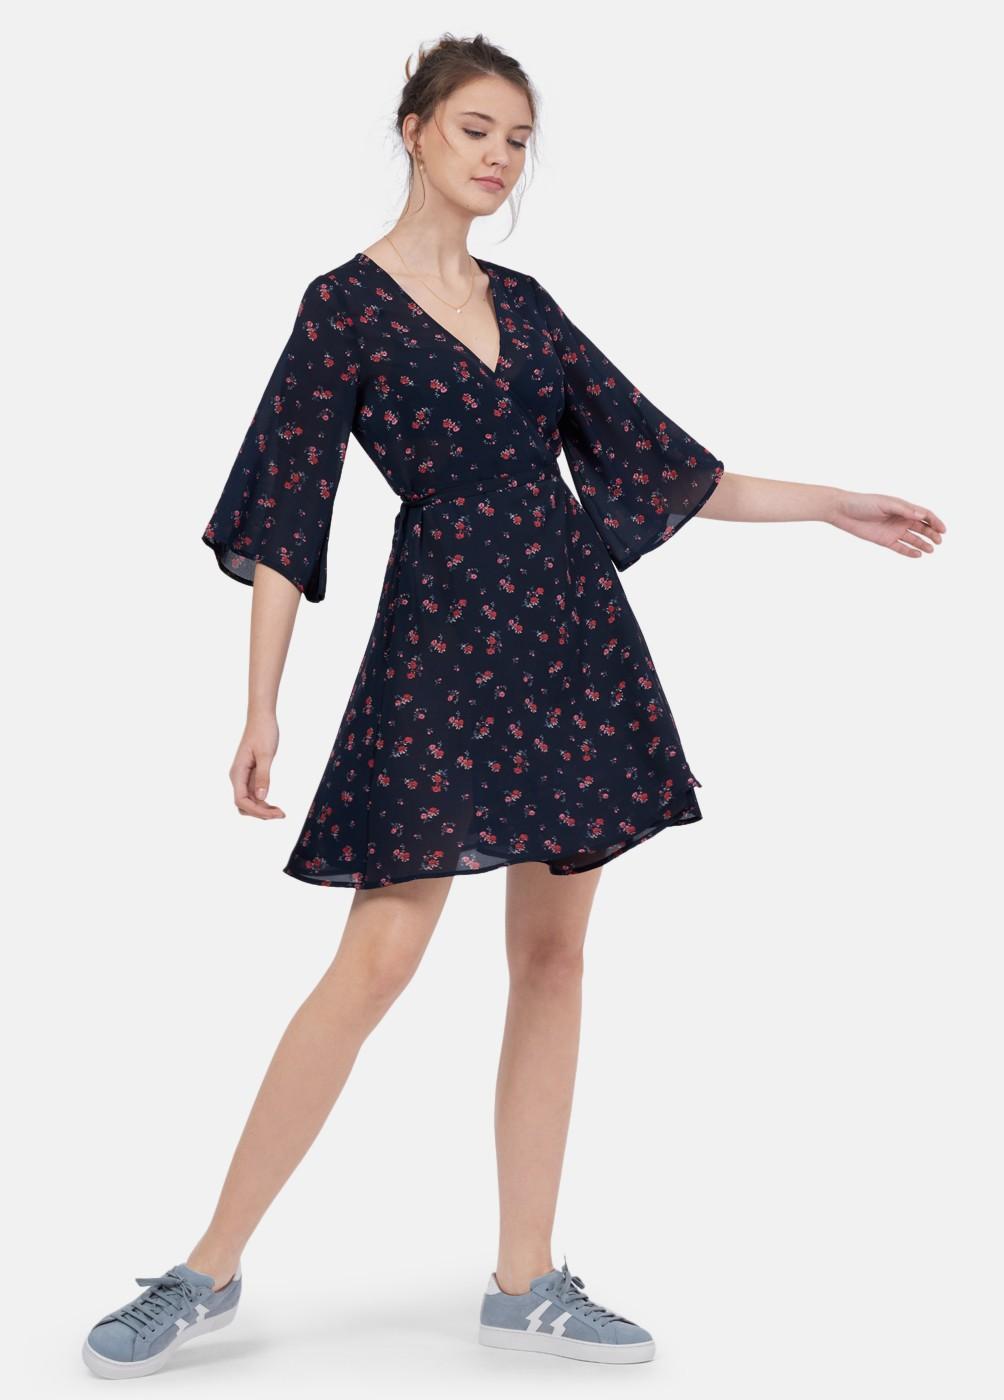 Sarita printed dress